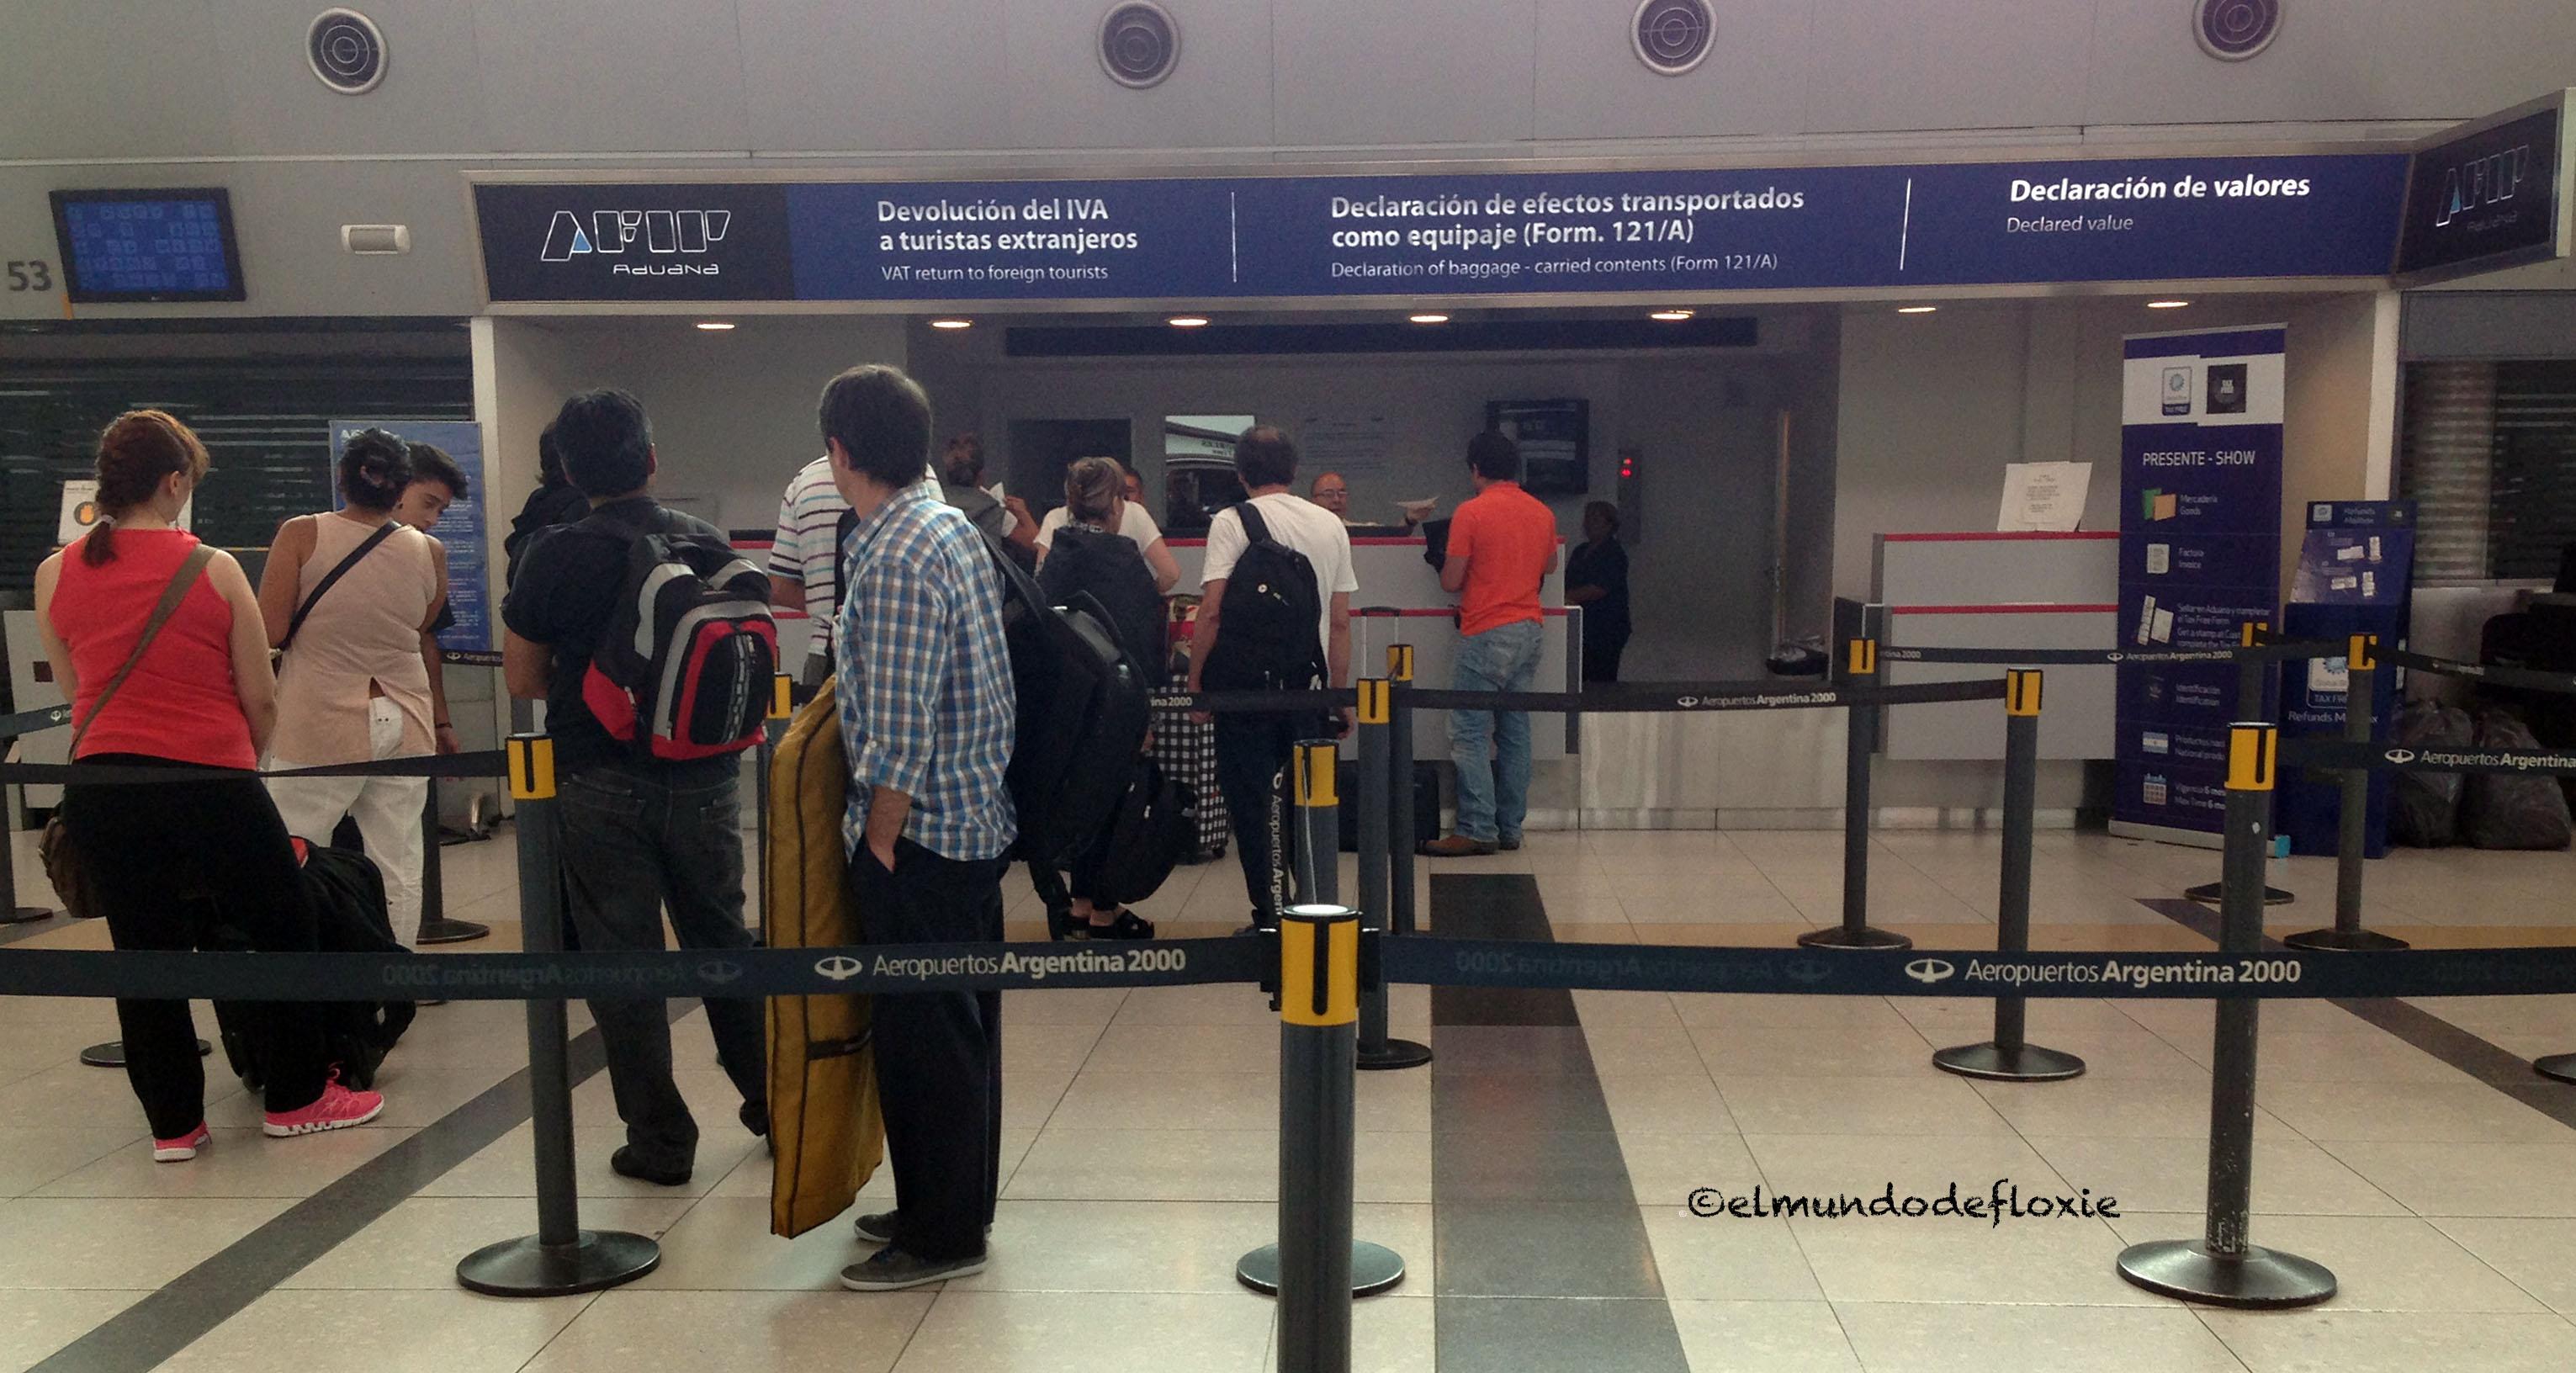 Cu nto tiempo antes hay que llegar al aeropuerto el for Como llegar al ministerio del interior